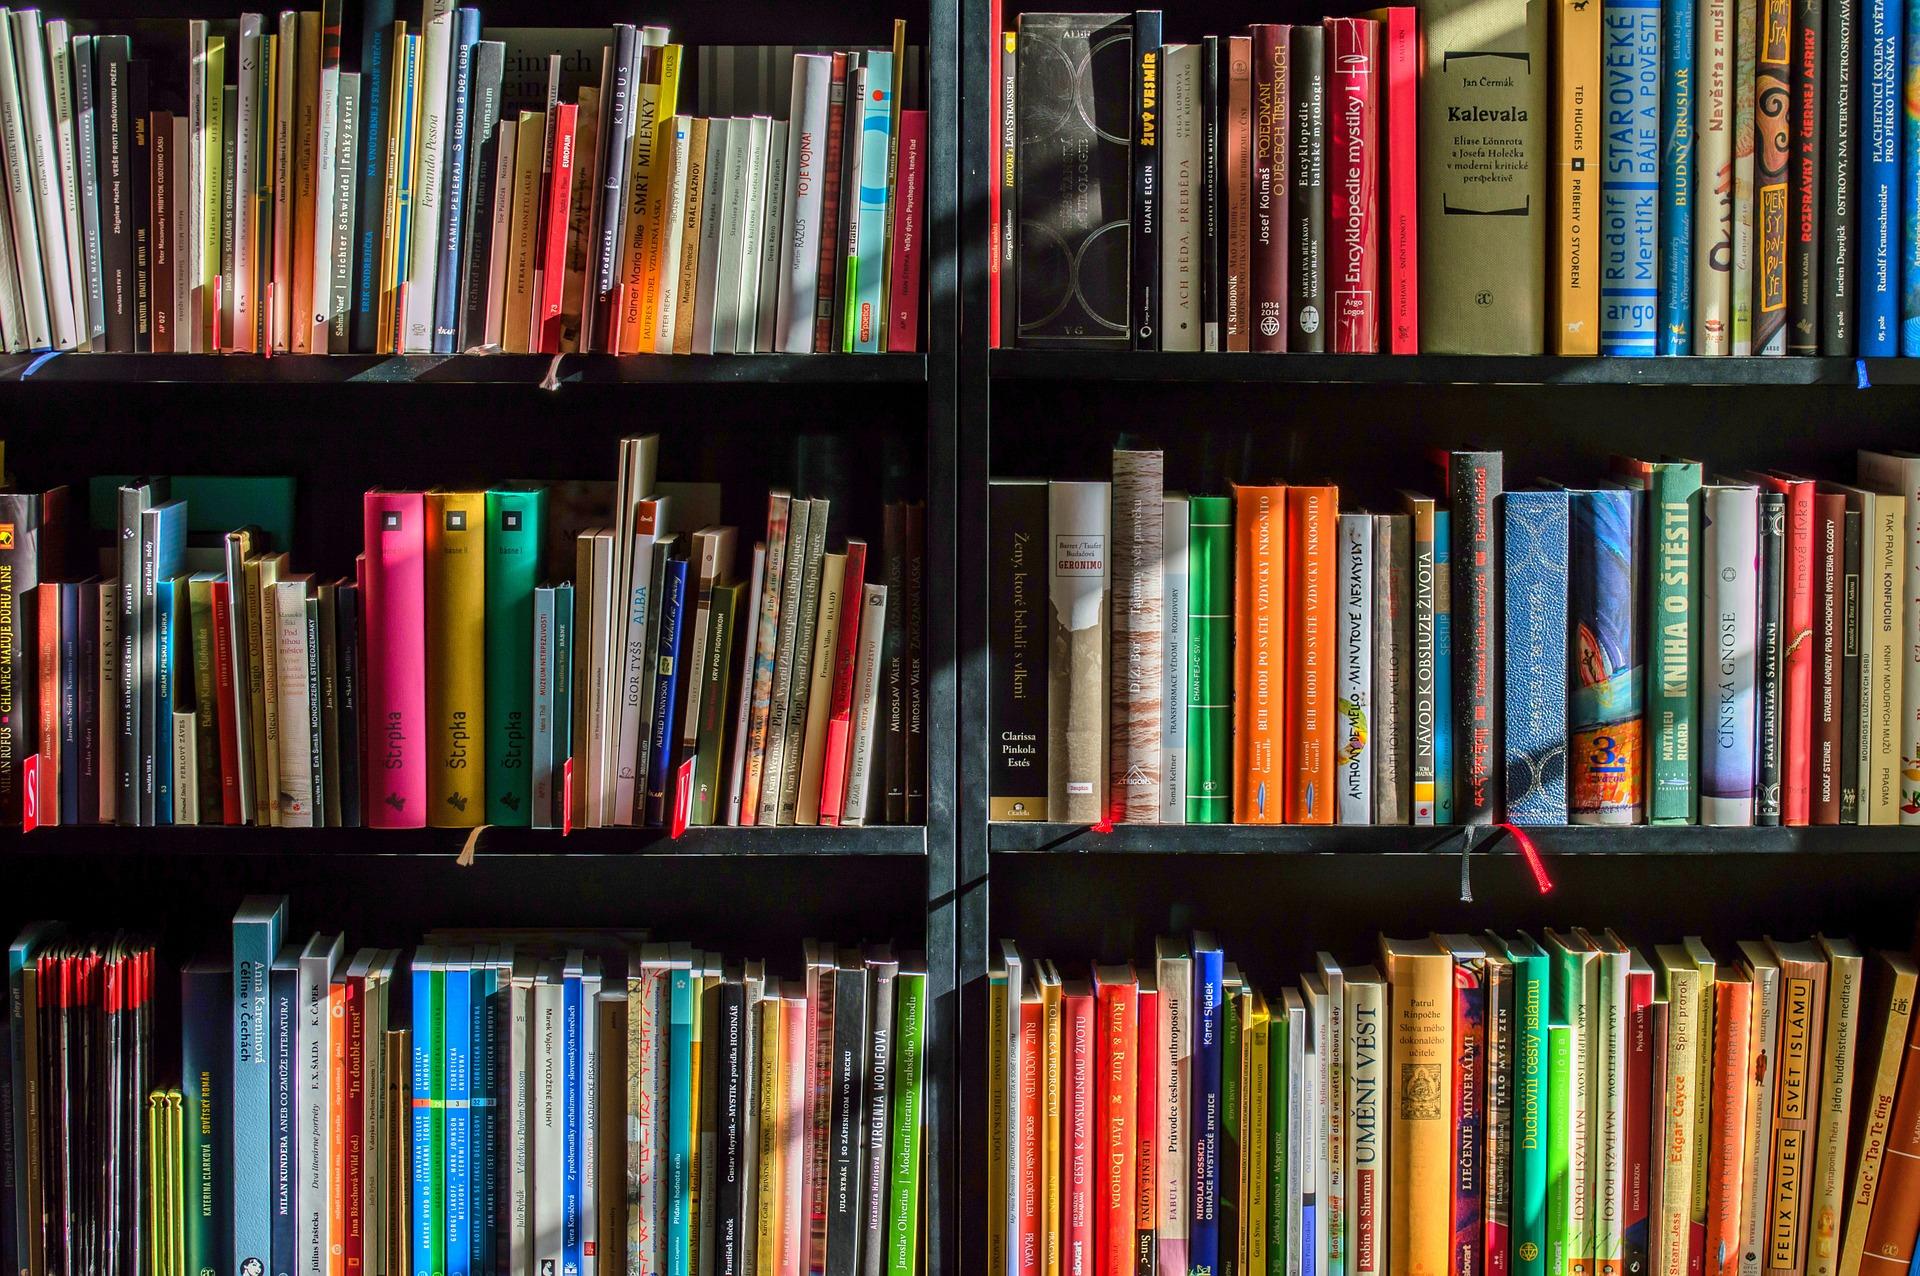 どれを選べばいい?自己分析本の選び方を解説!おすすめの本も紹介